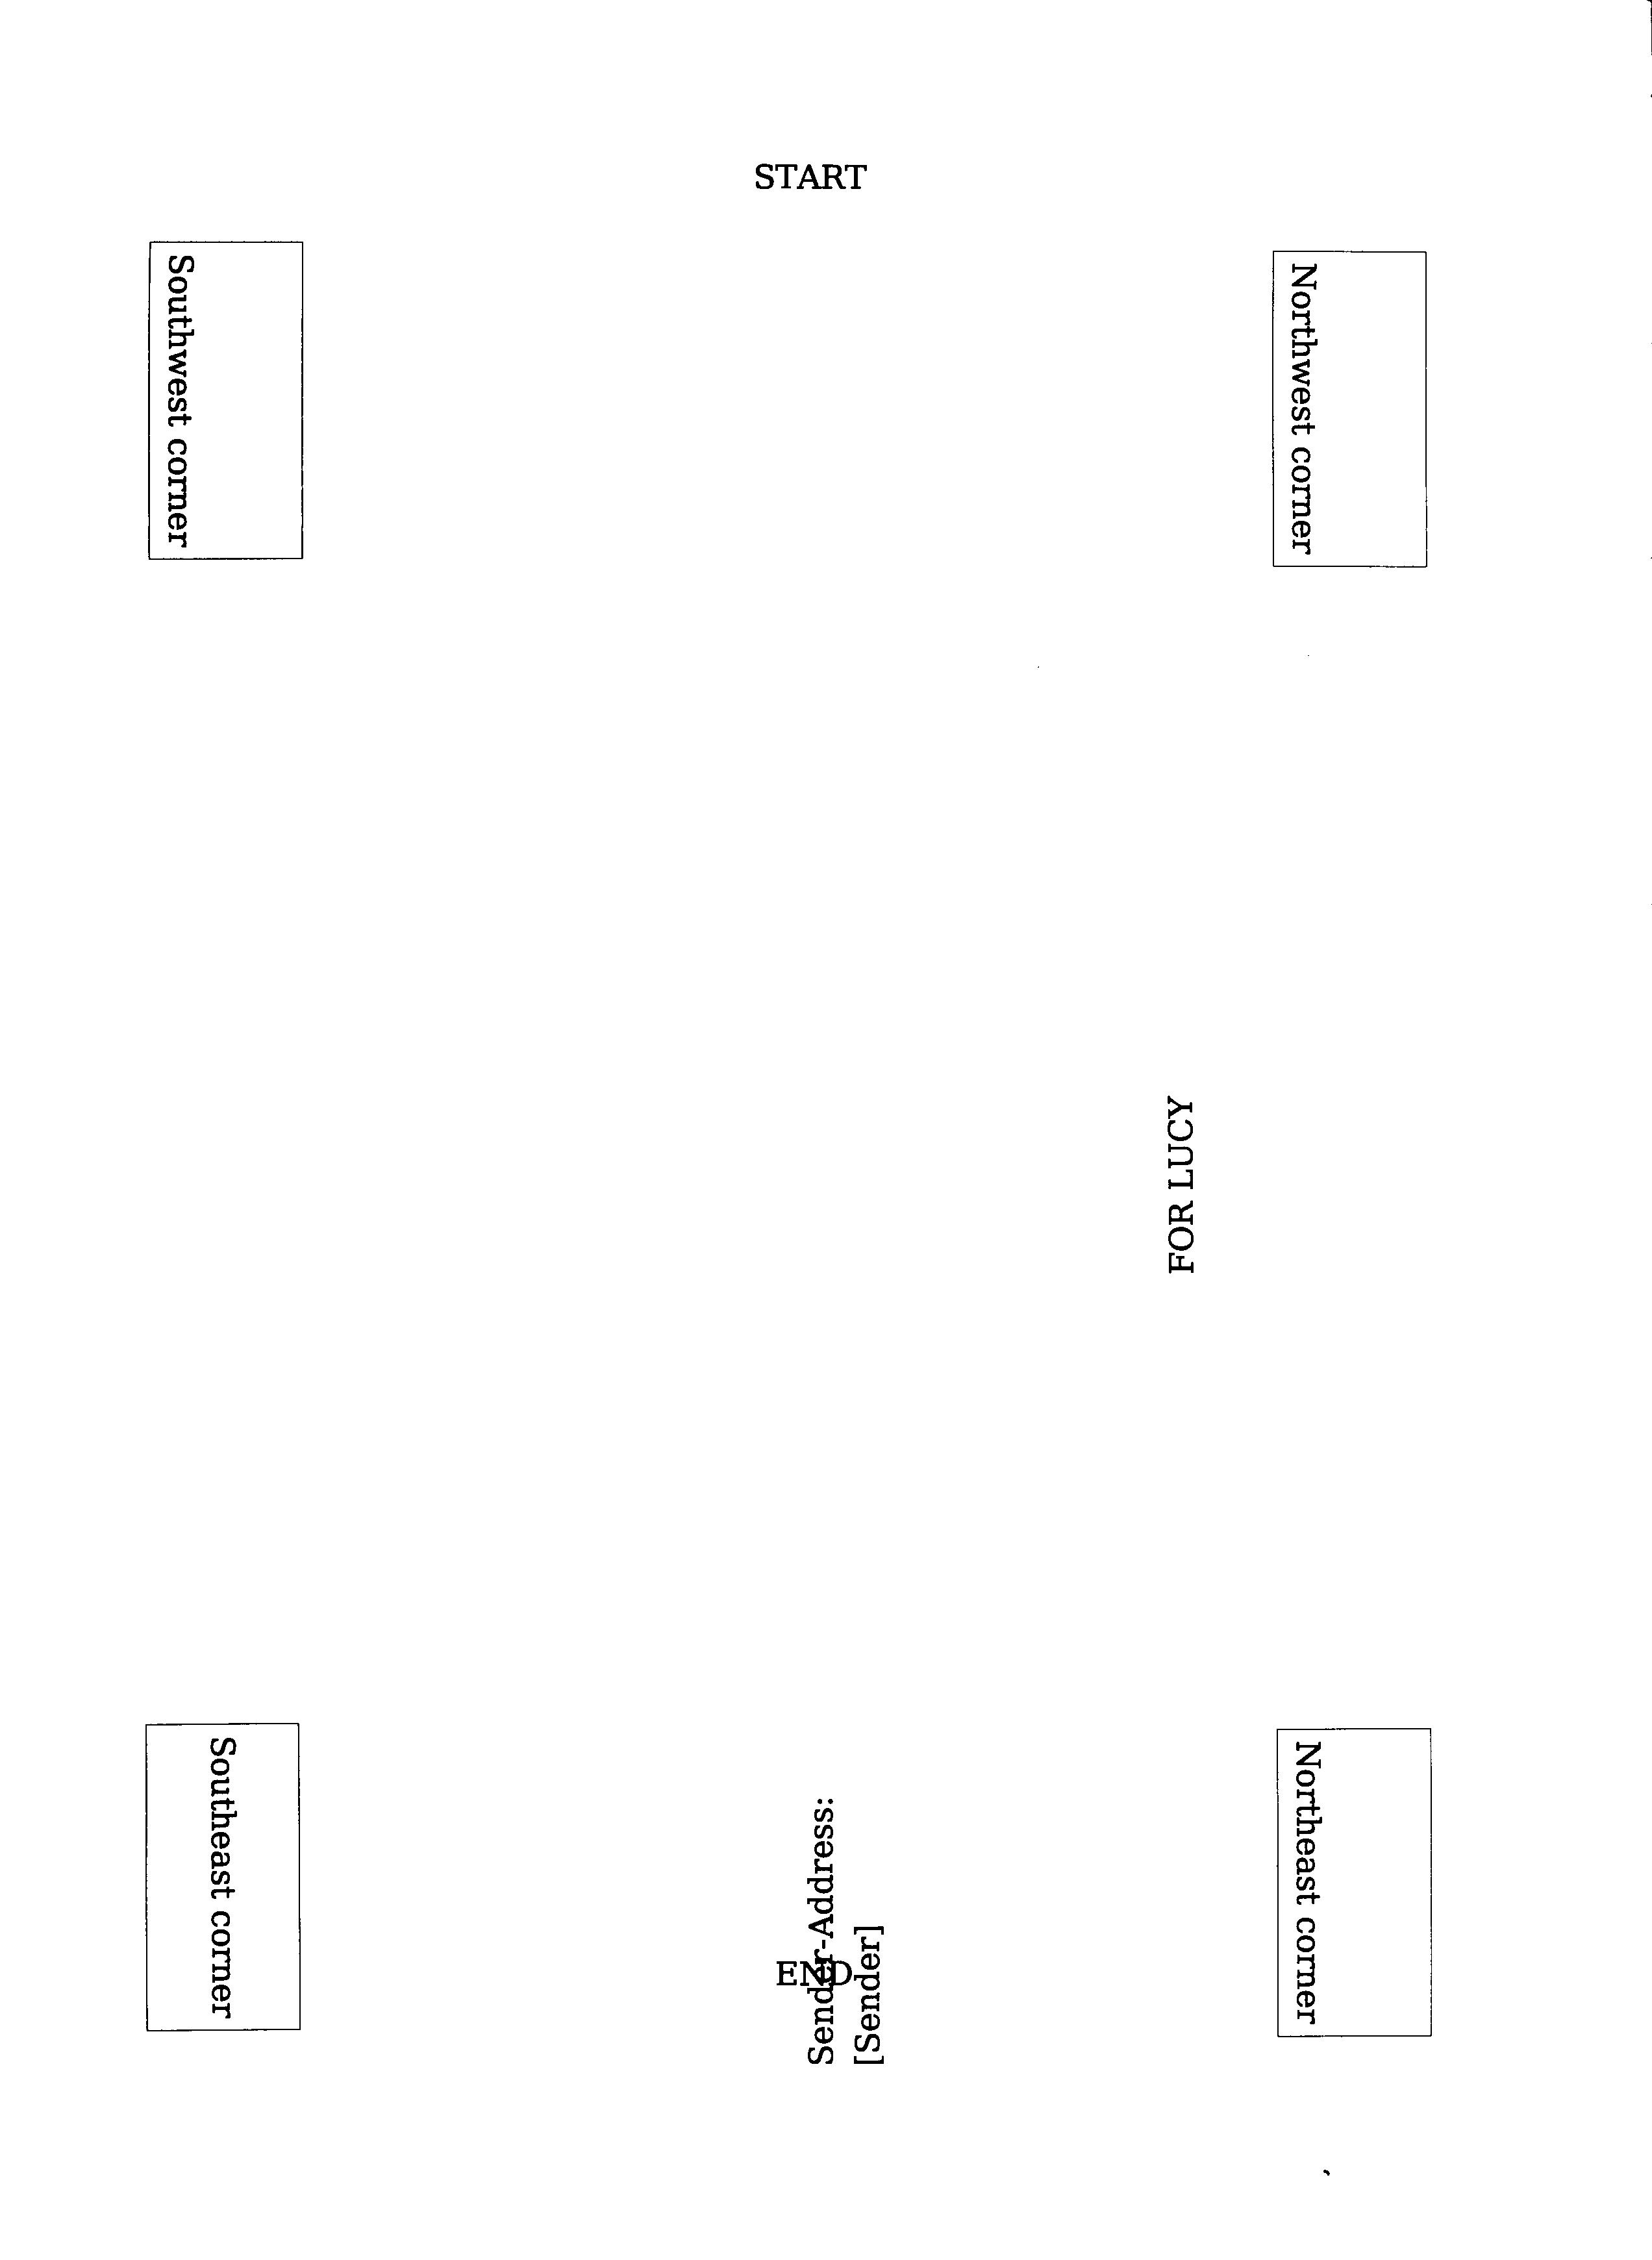 Howto-printing-envelopes-diagnostics_html_24d36d60.png